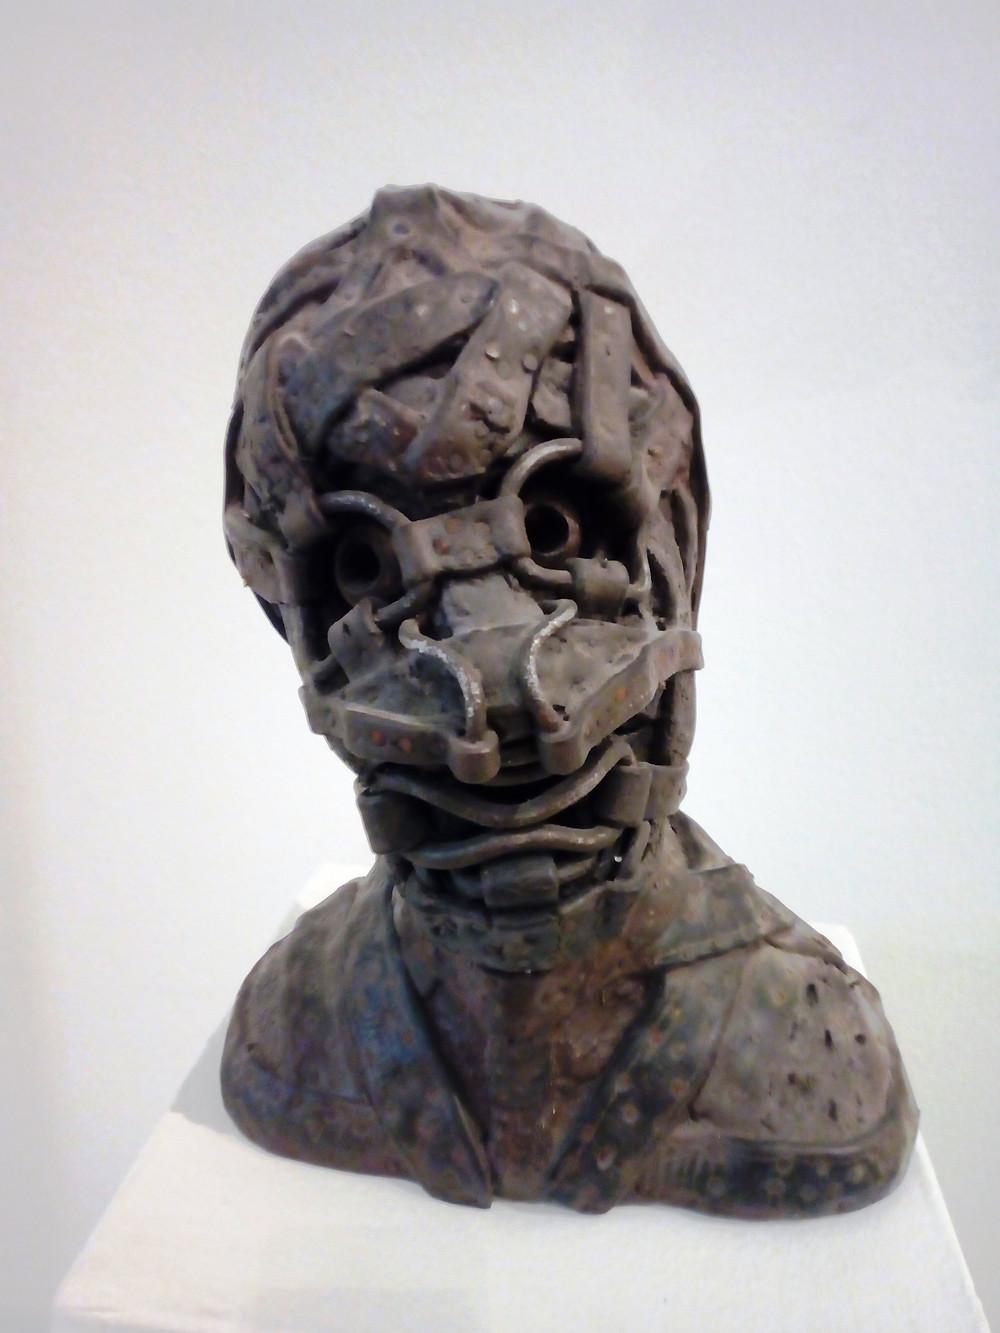 Gaál József: Phantasma III., 2011